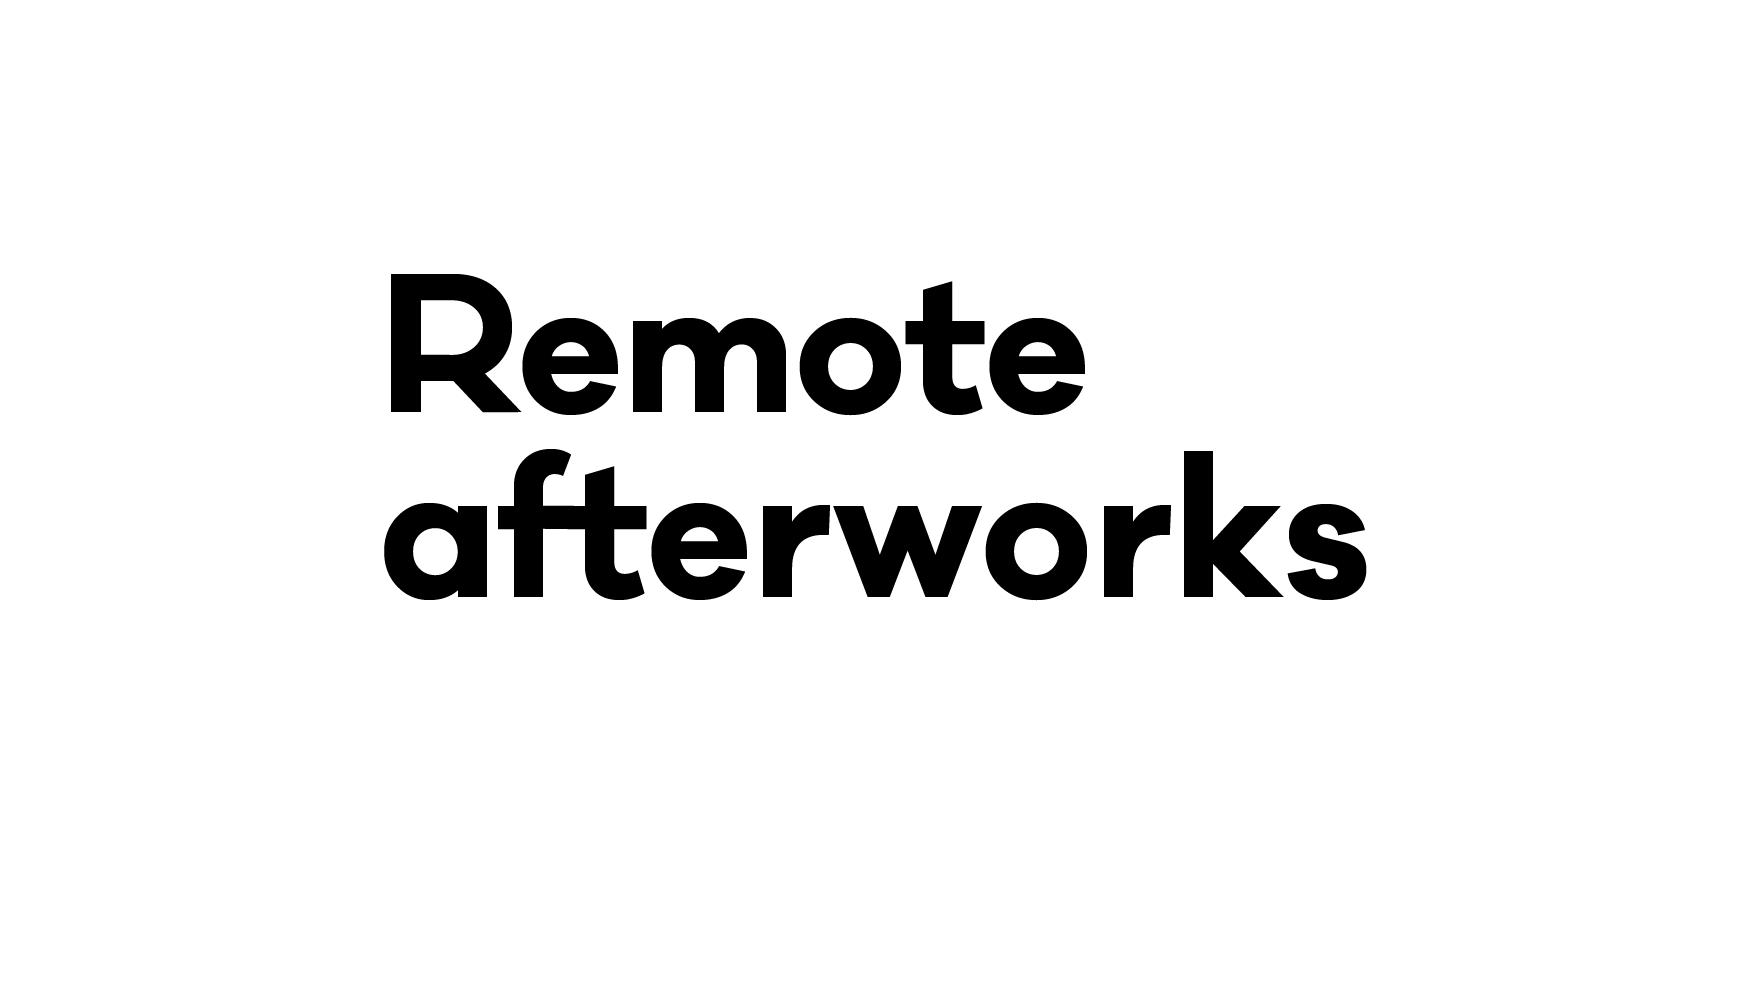 RemoteAfterWorks